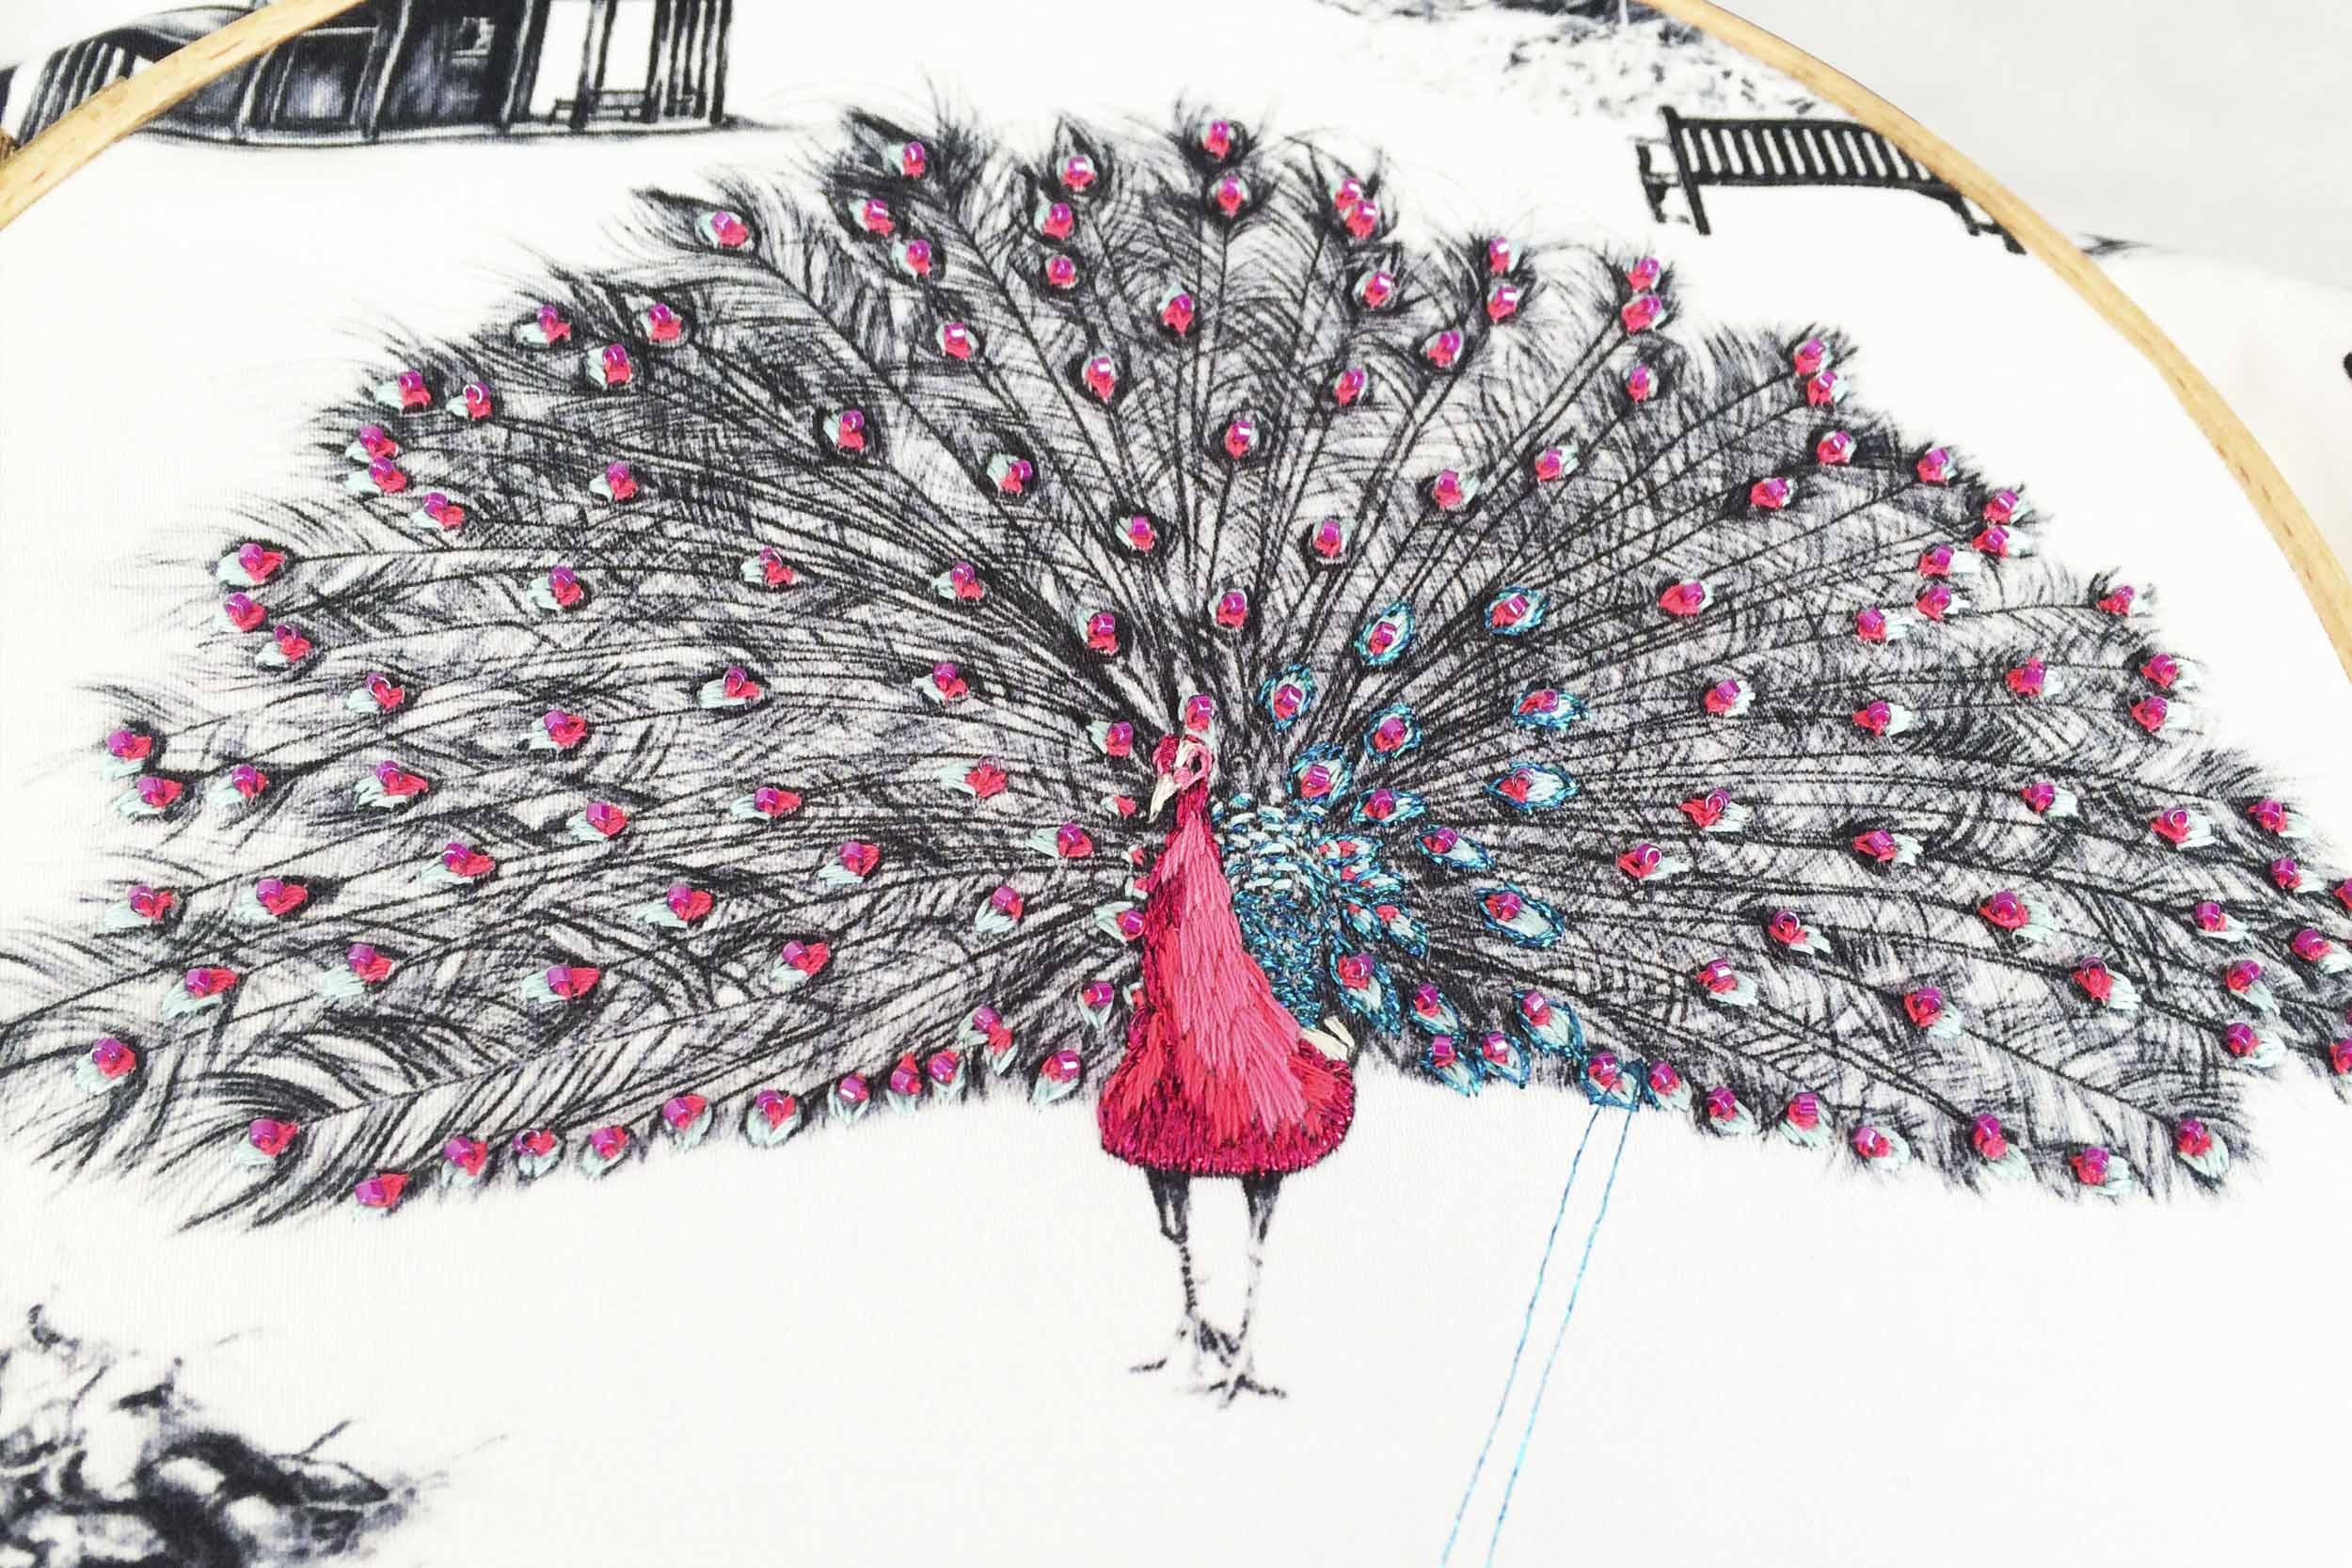 pink-kew-peacocks-13.jpg